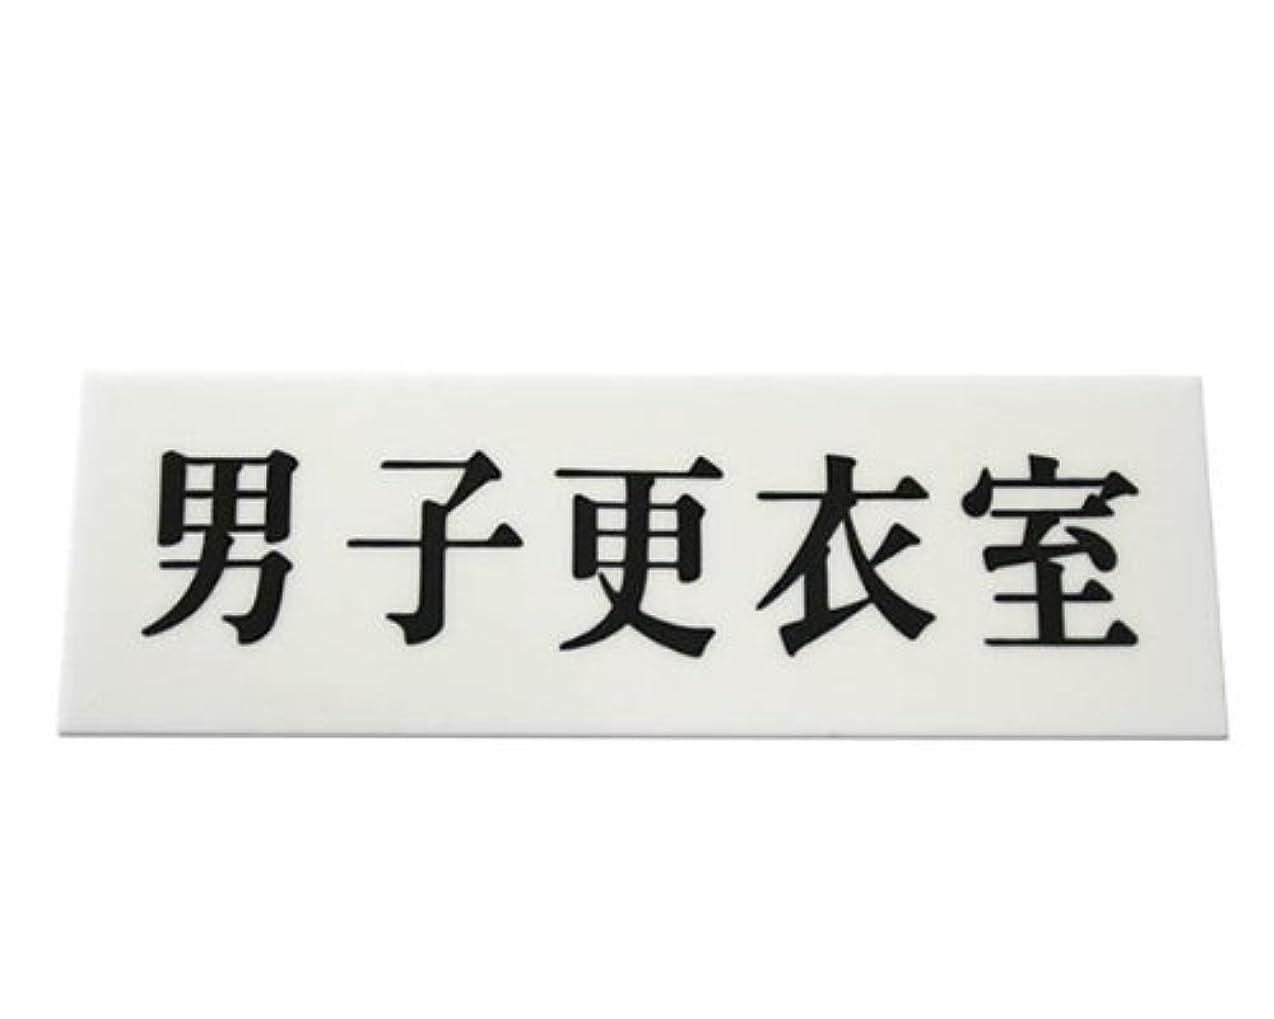 差し引く夏理論光 プレート 男子更衣室 00873746-1 UP515-124